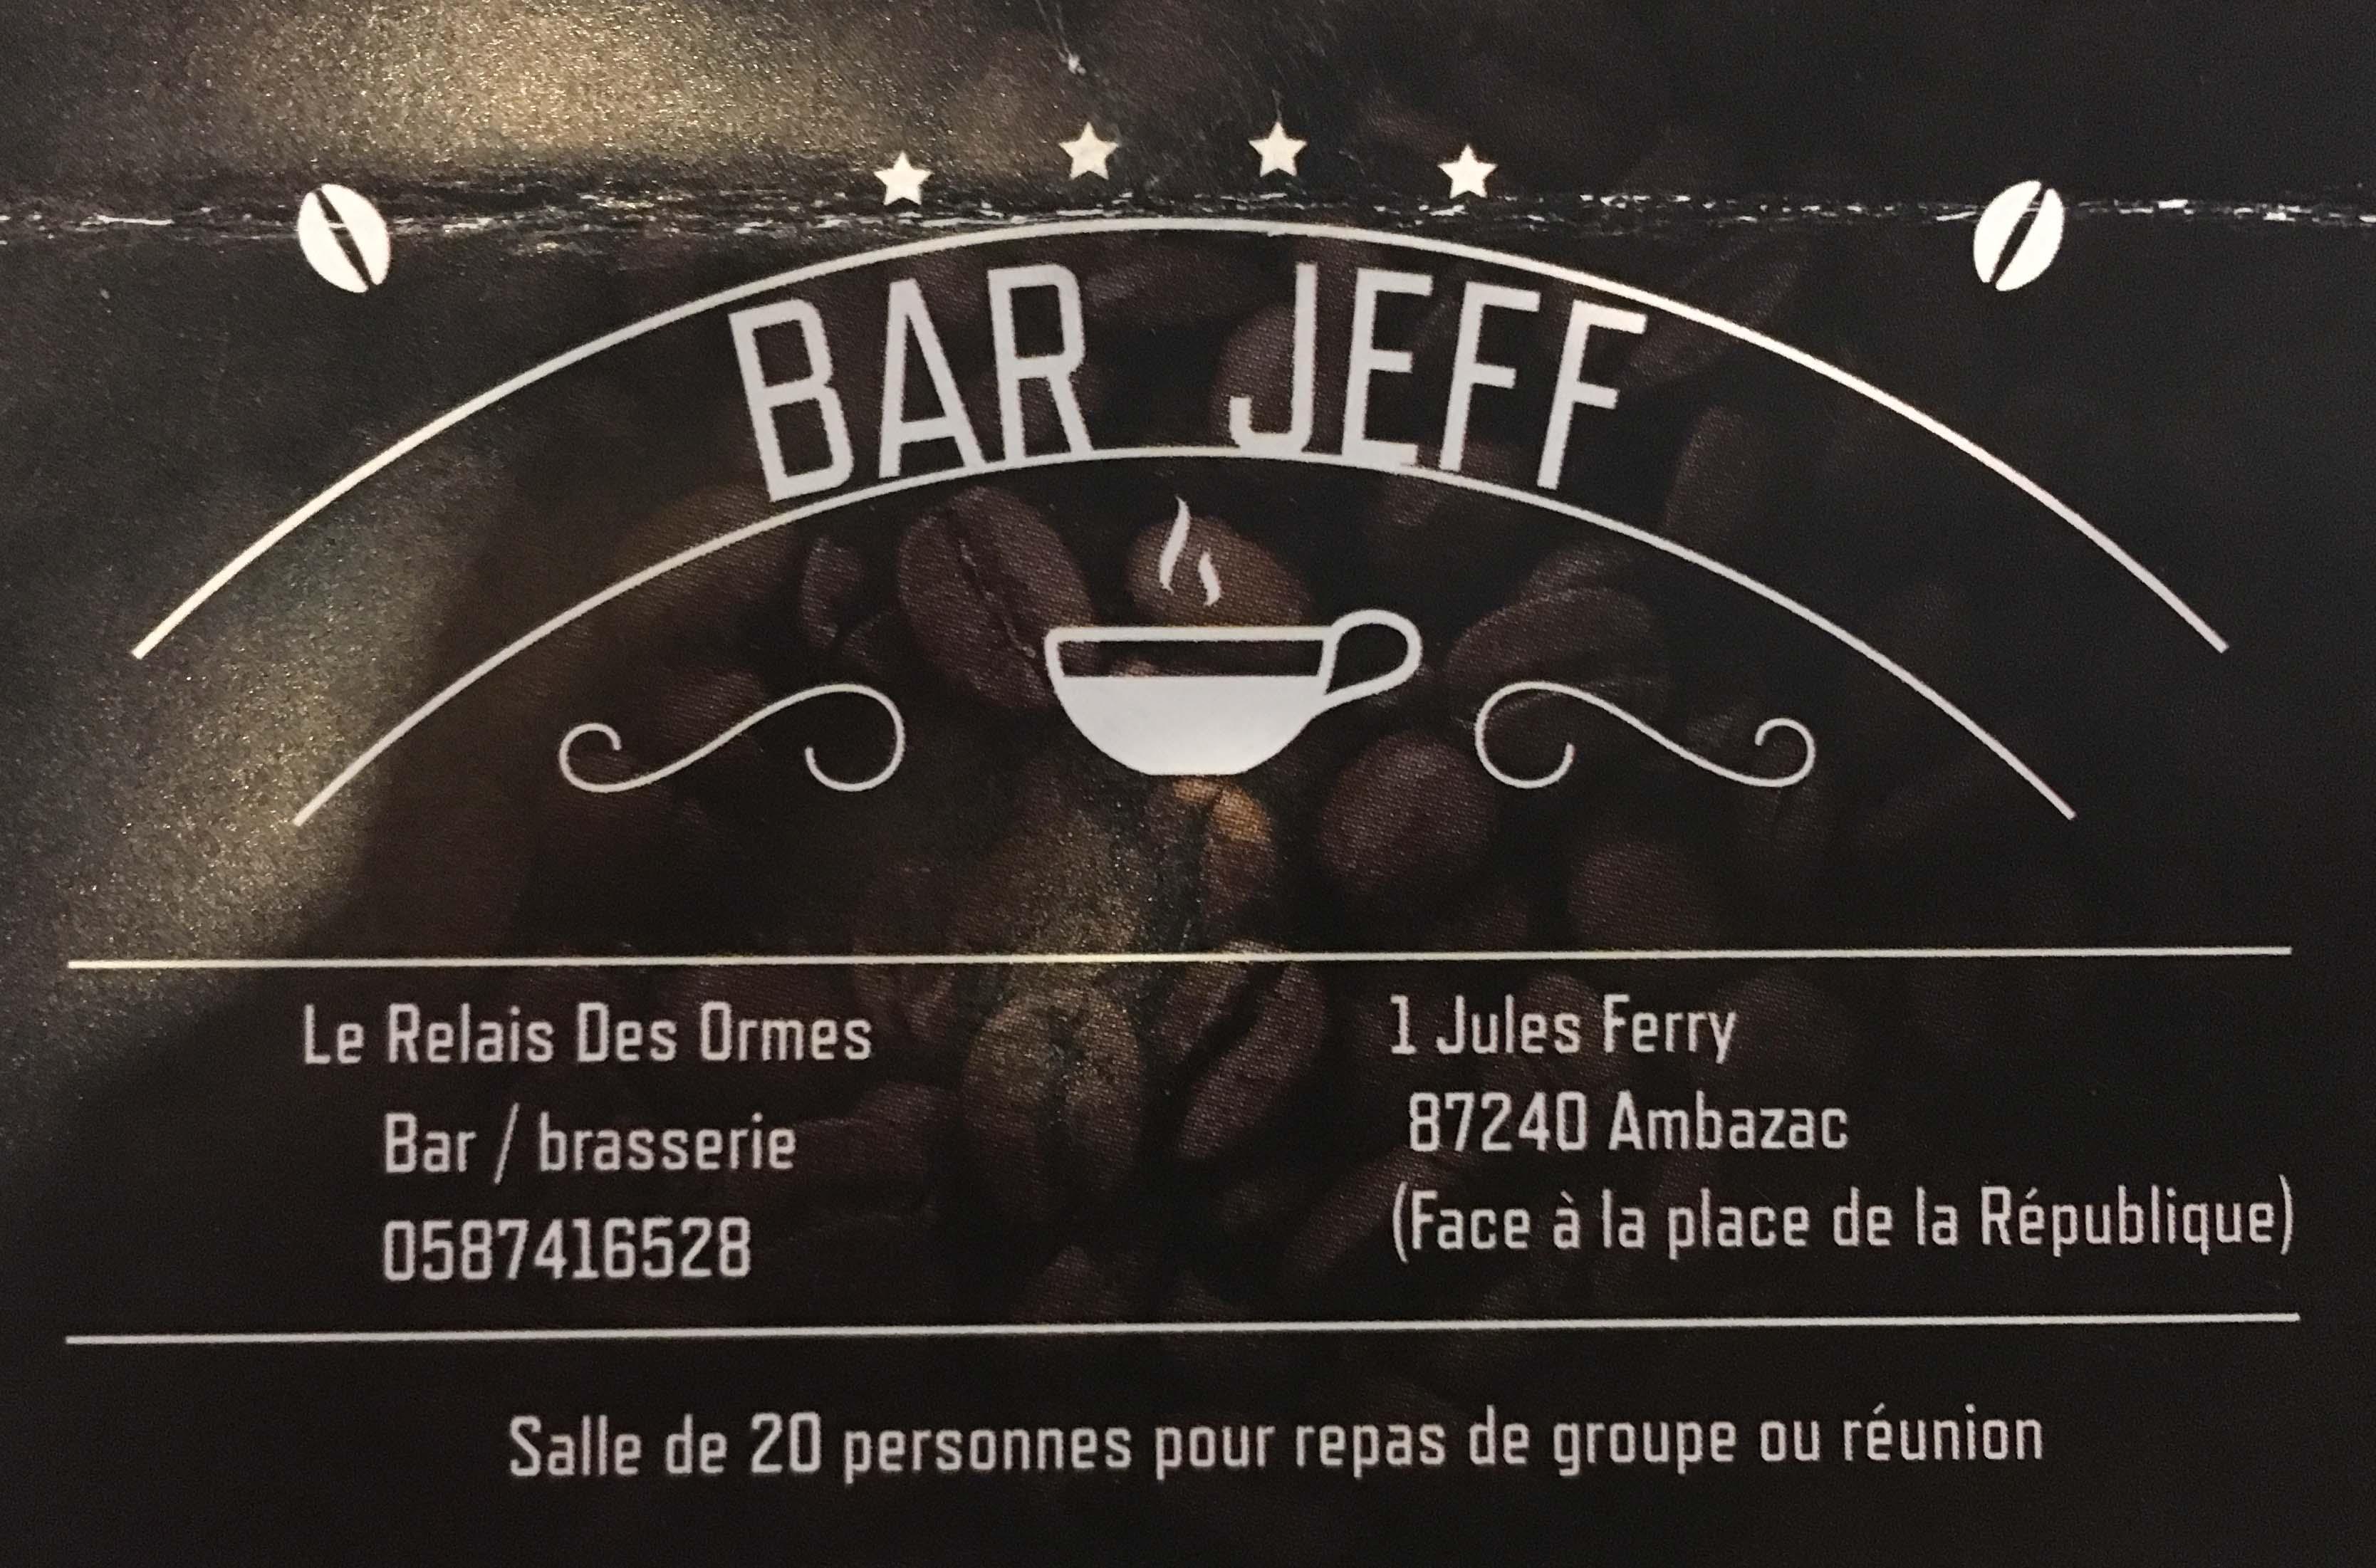 Chez Jeff